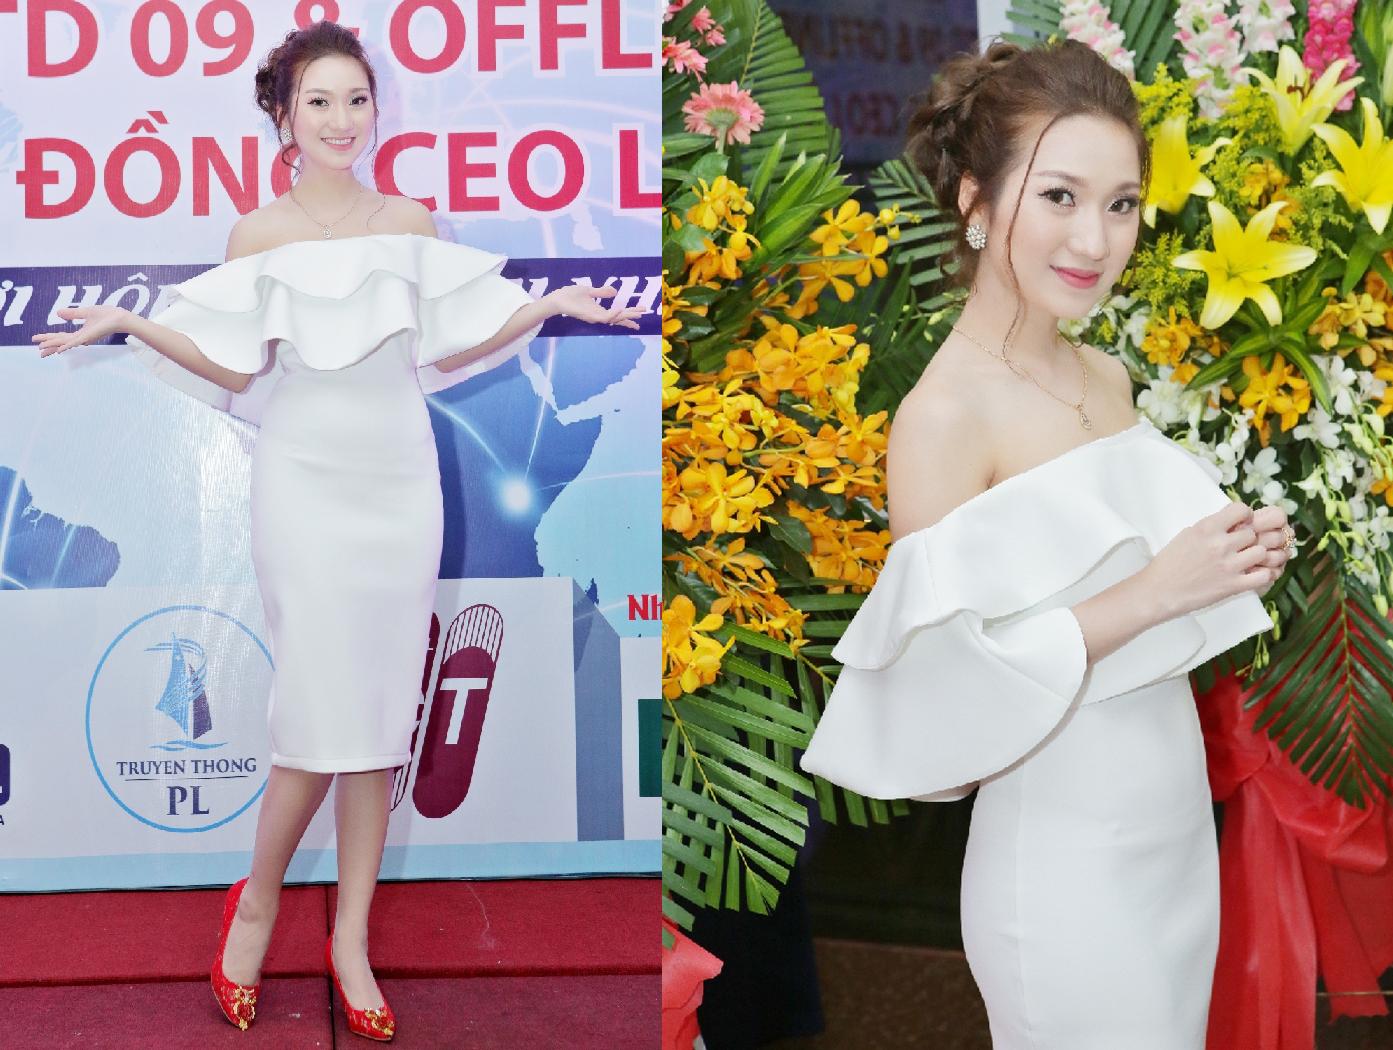 Cao Mỹ Kim tham dự buổi lễ ra mắt lớp học CEO với hình tượng Doanh nhân